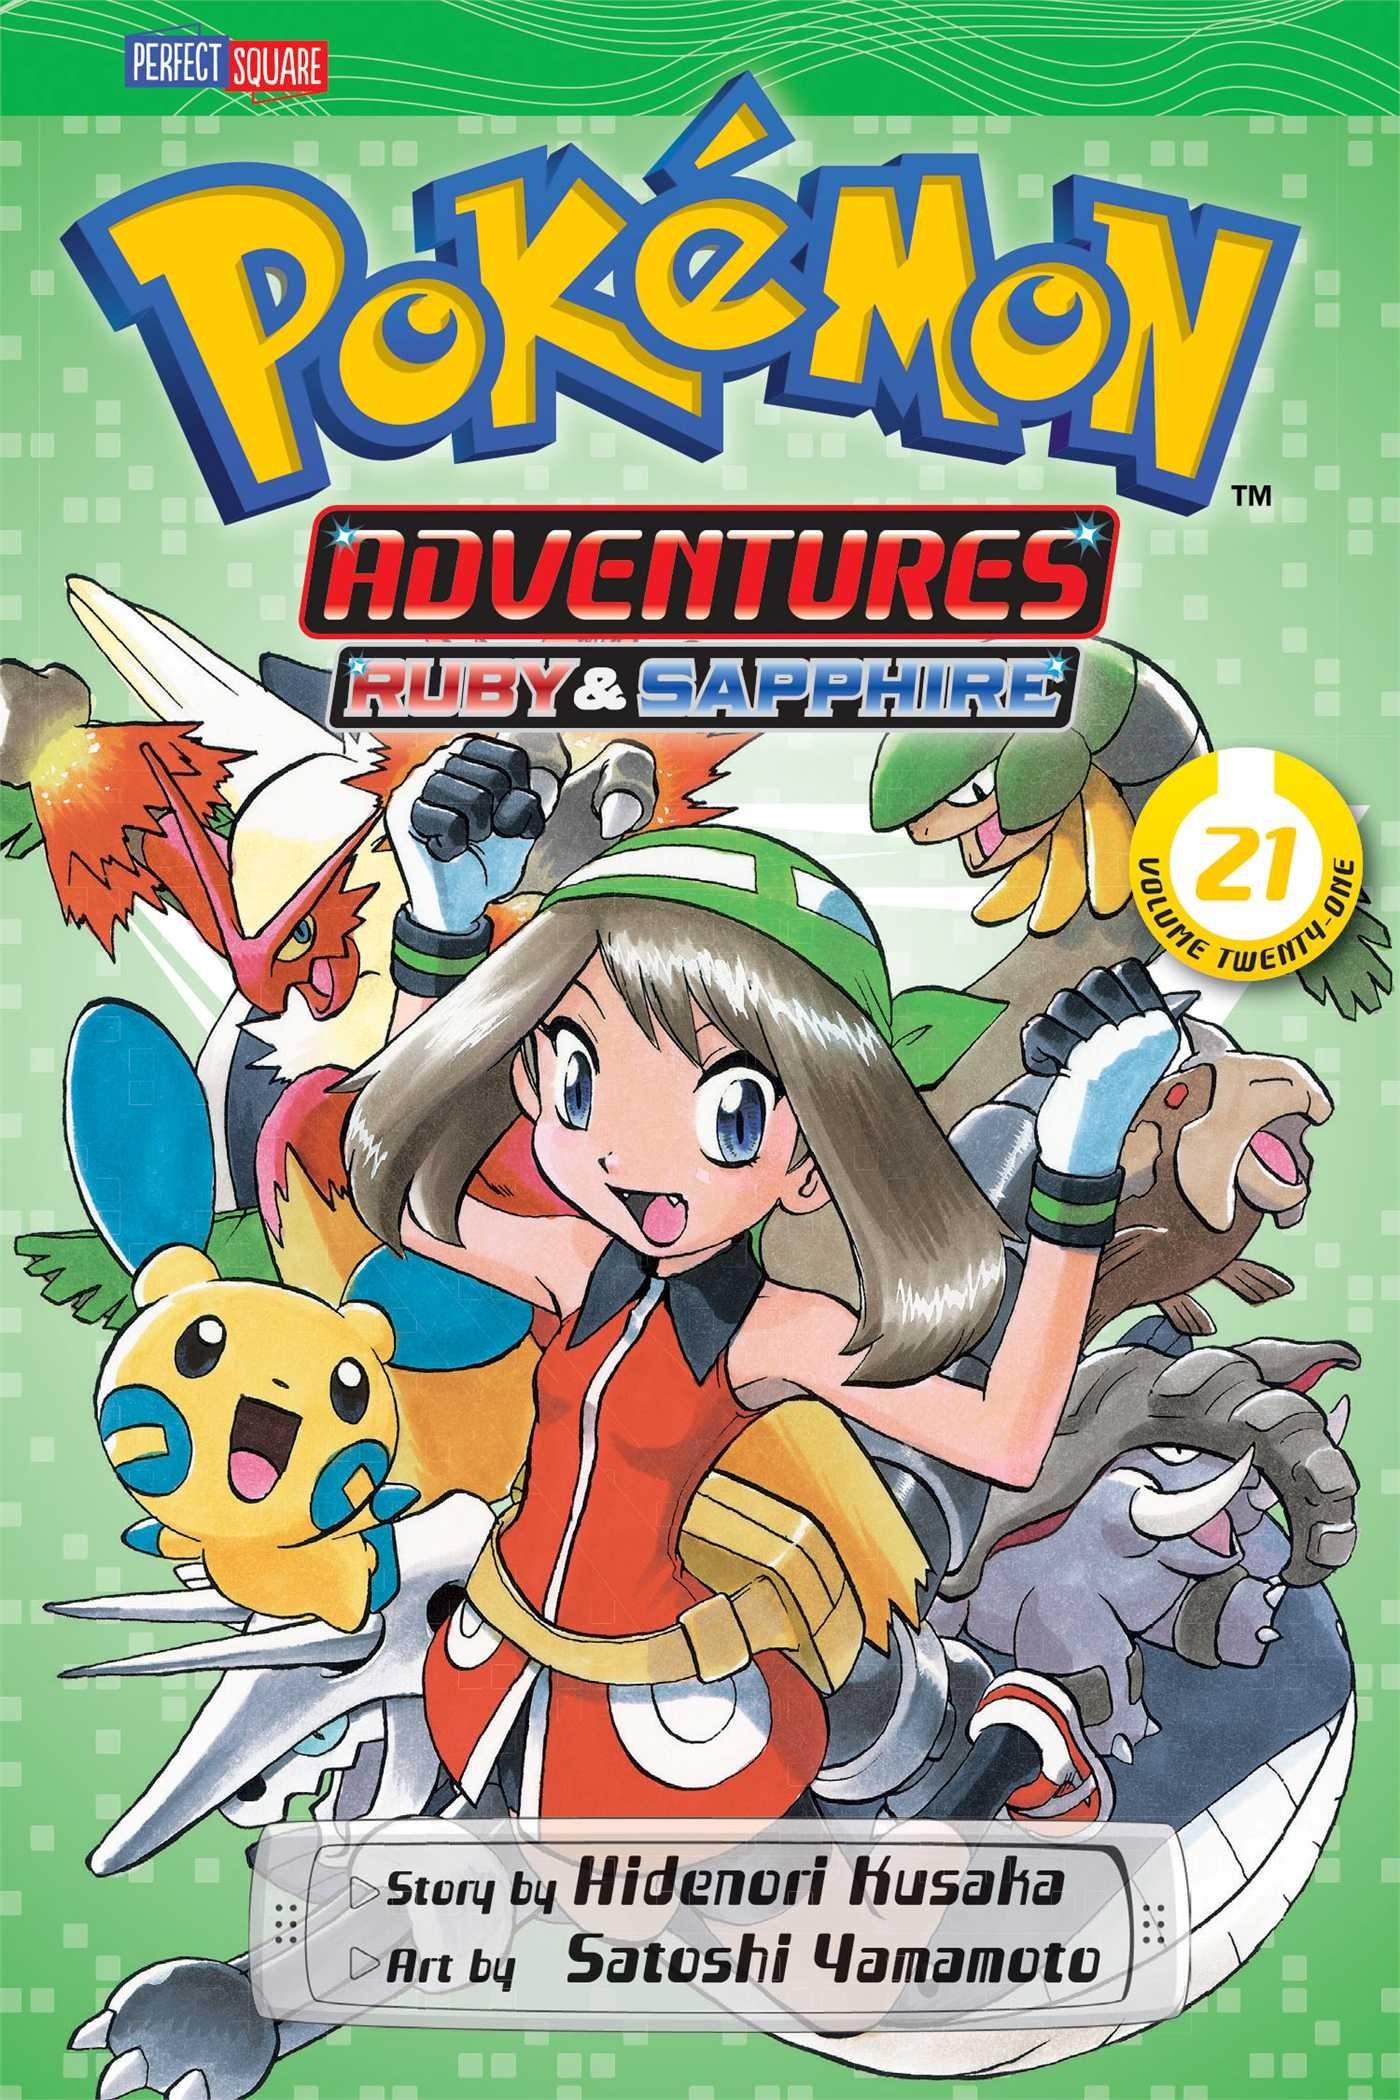 Pokémon Adventures, Vol. 21 by Hidenori Kusaka